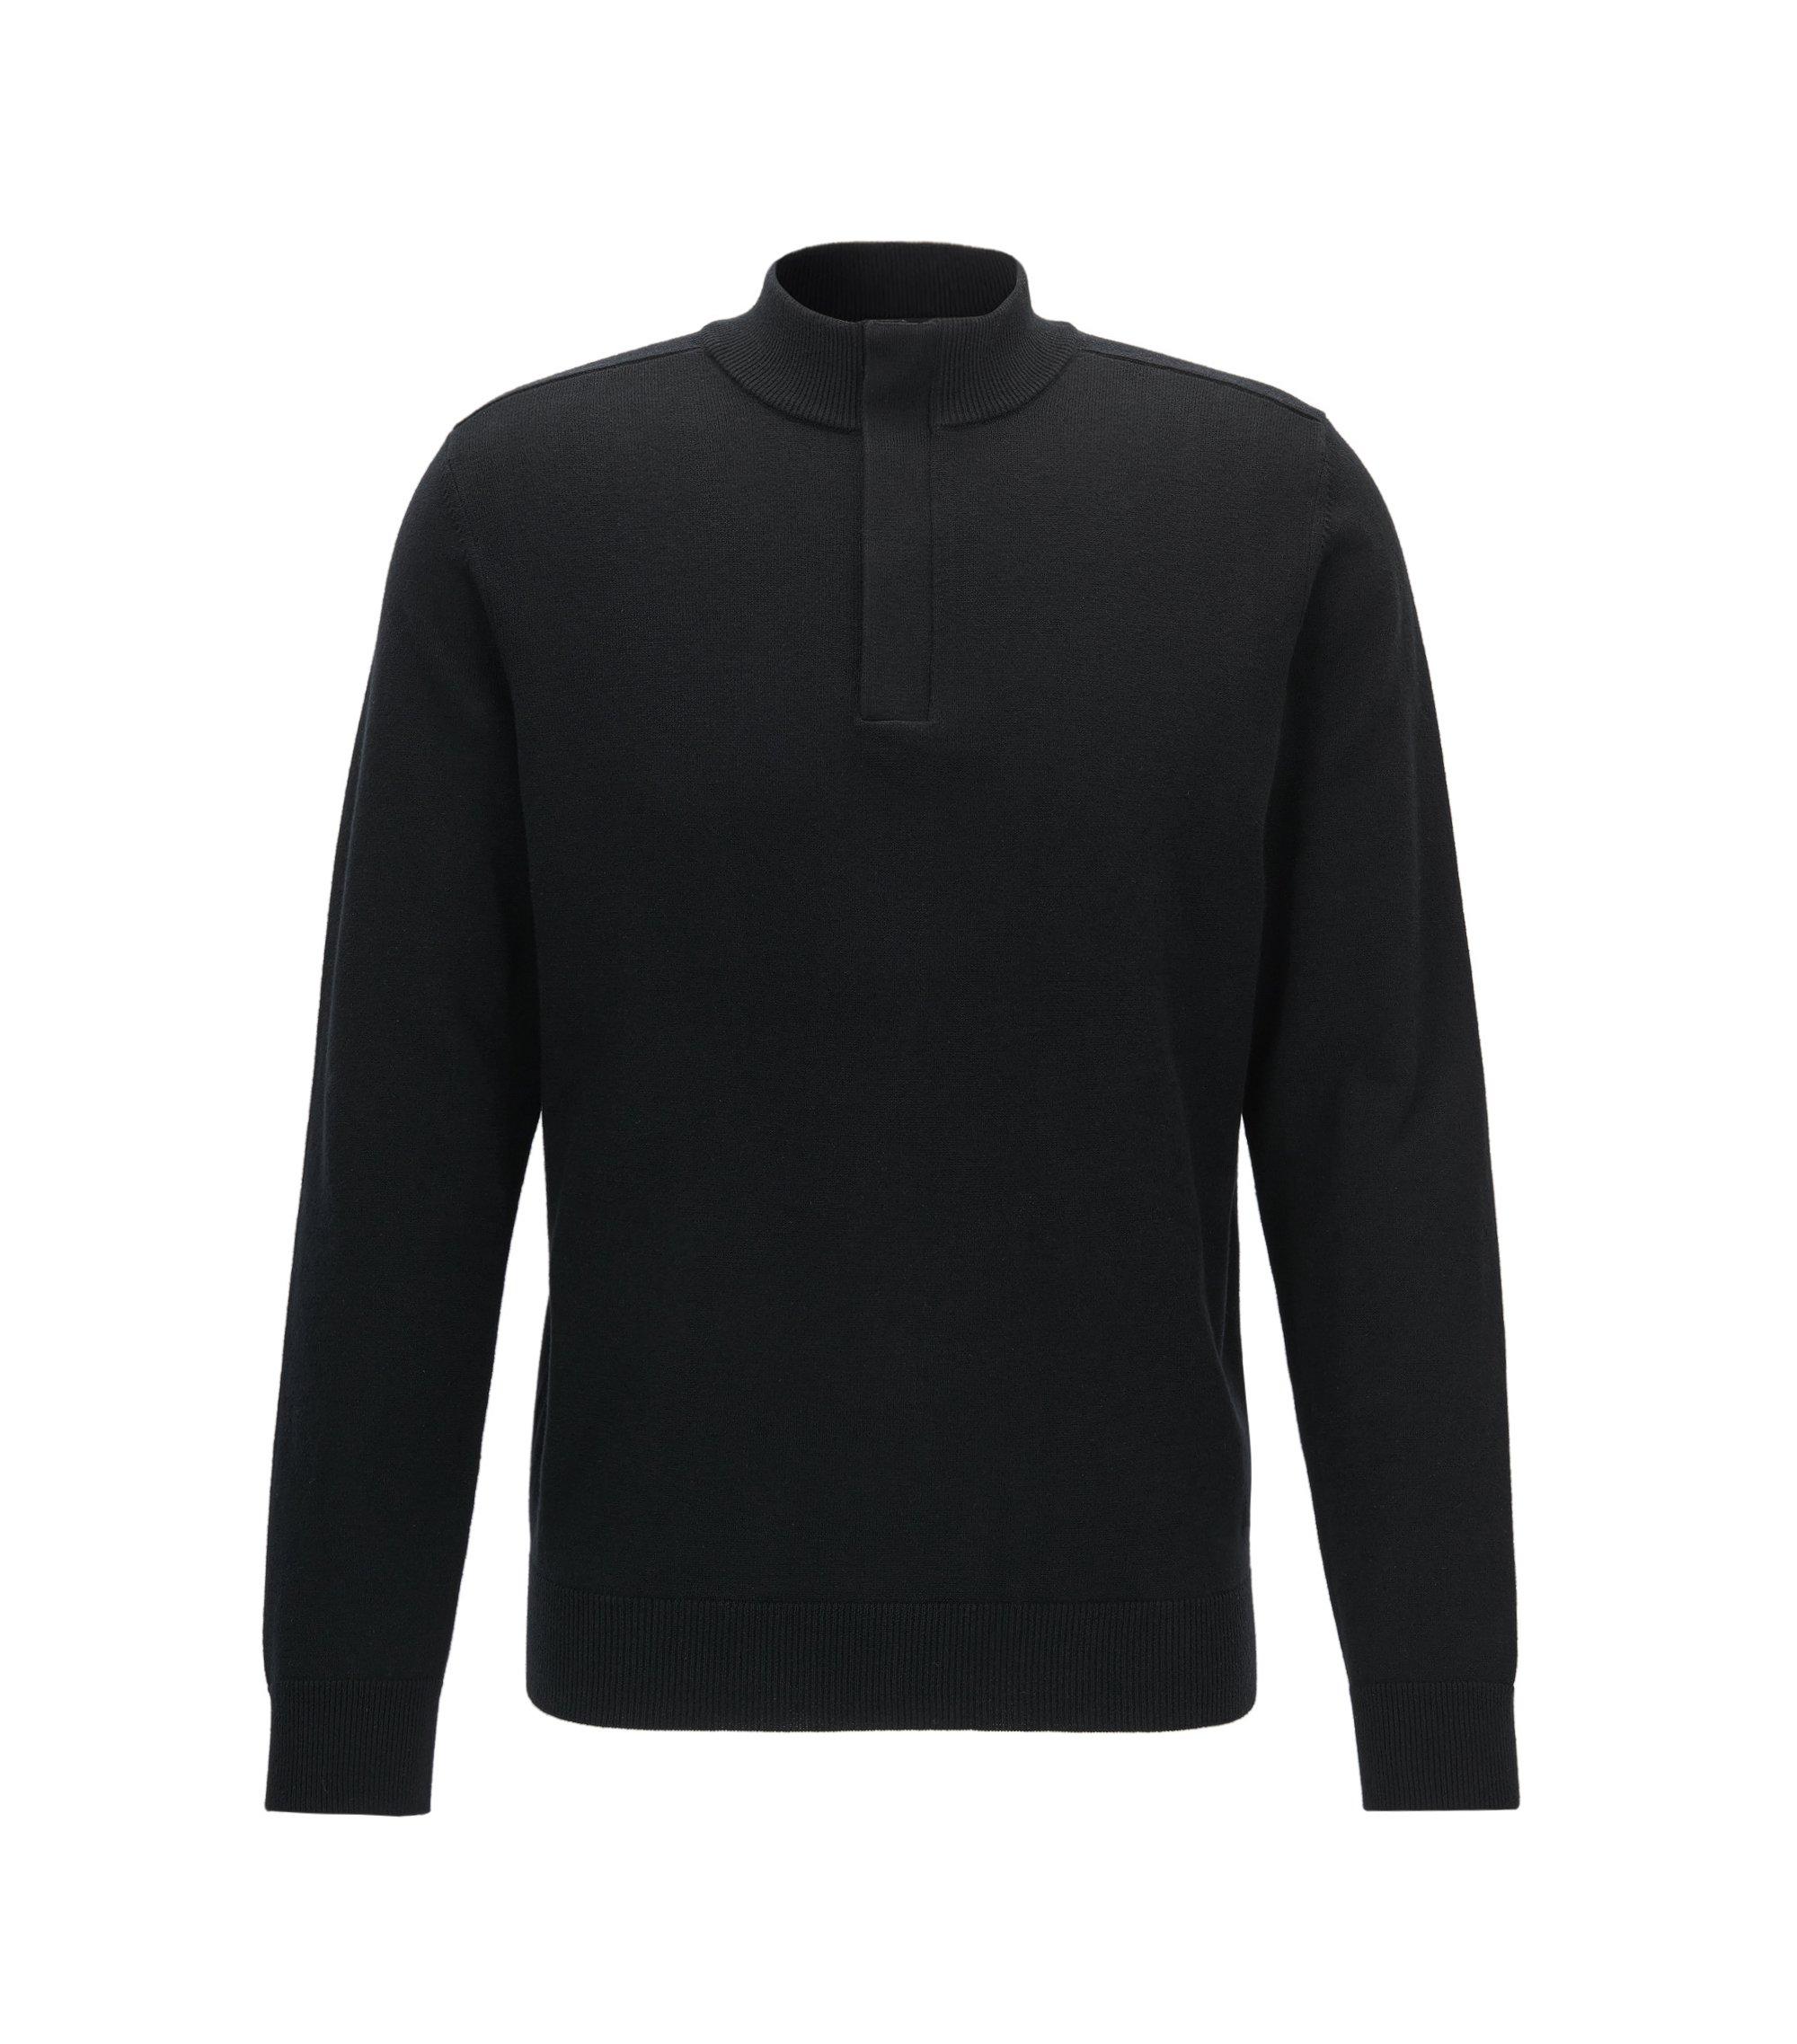 Pull en mélange de coton et de laine, avec zip invisible au col, Noir